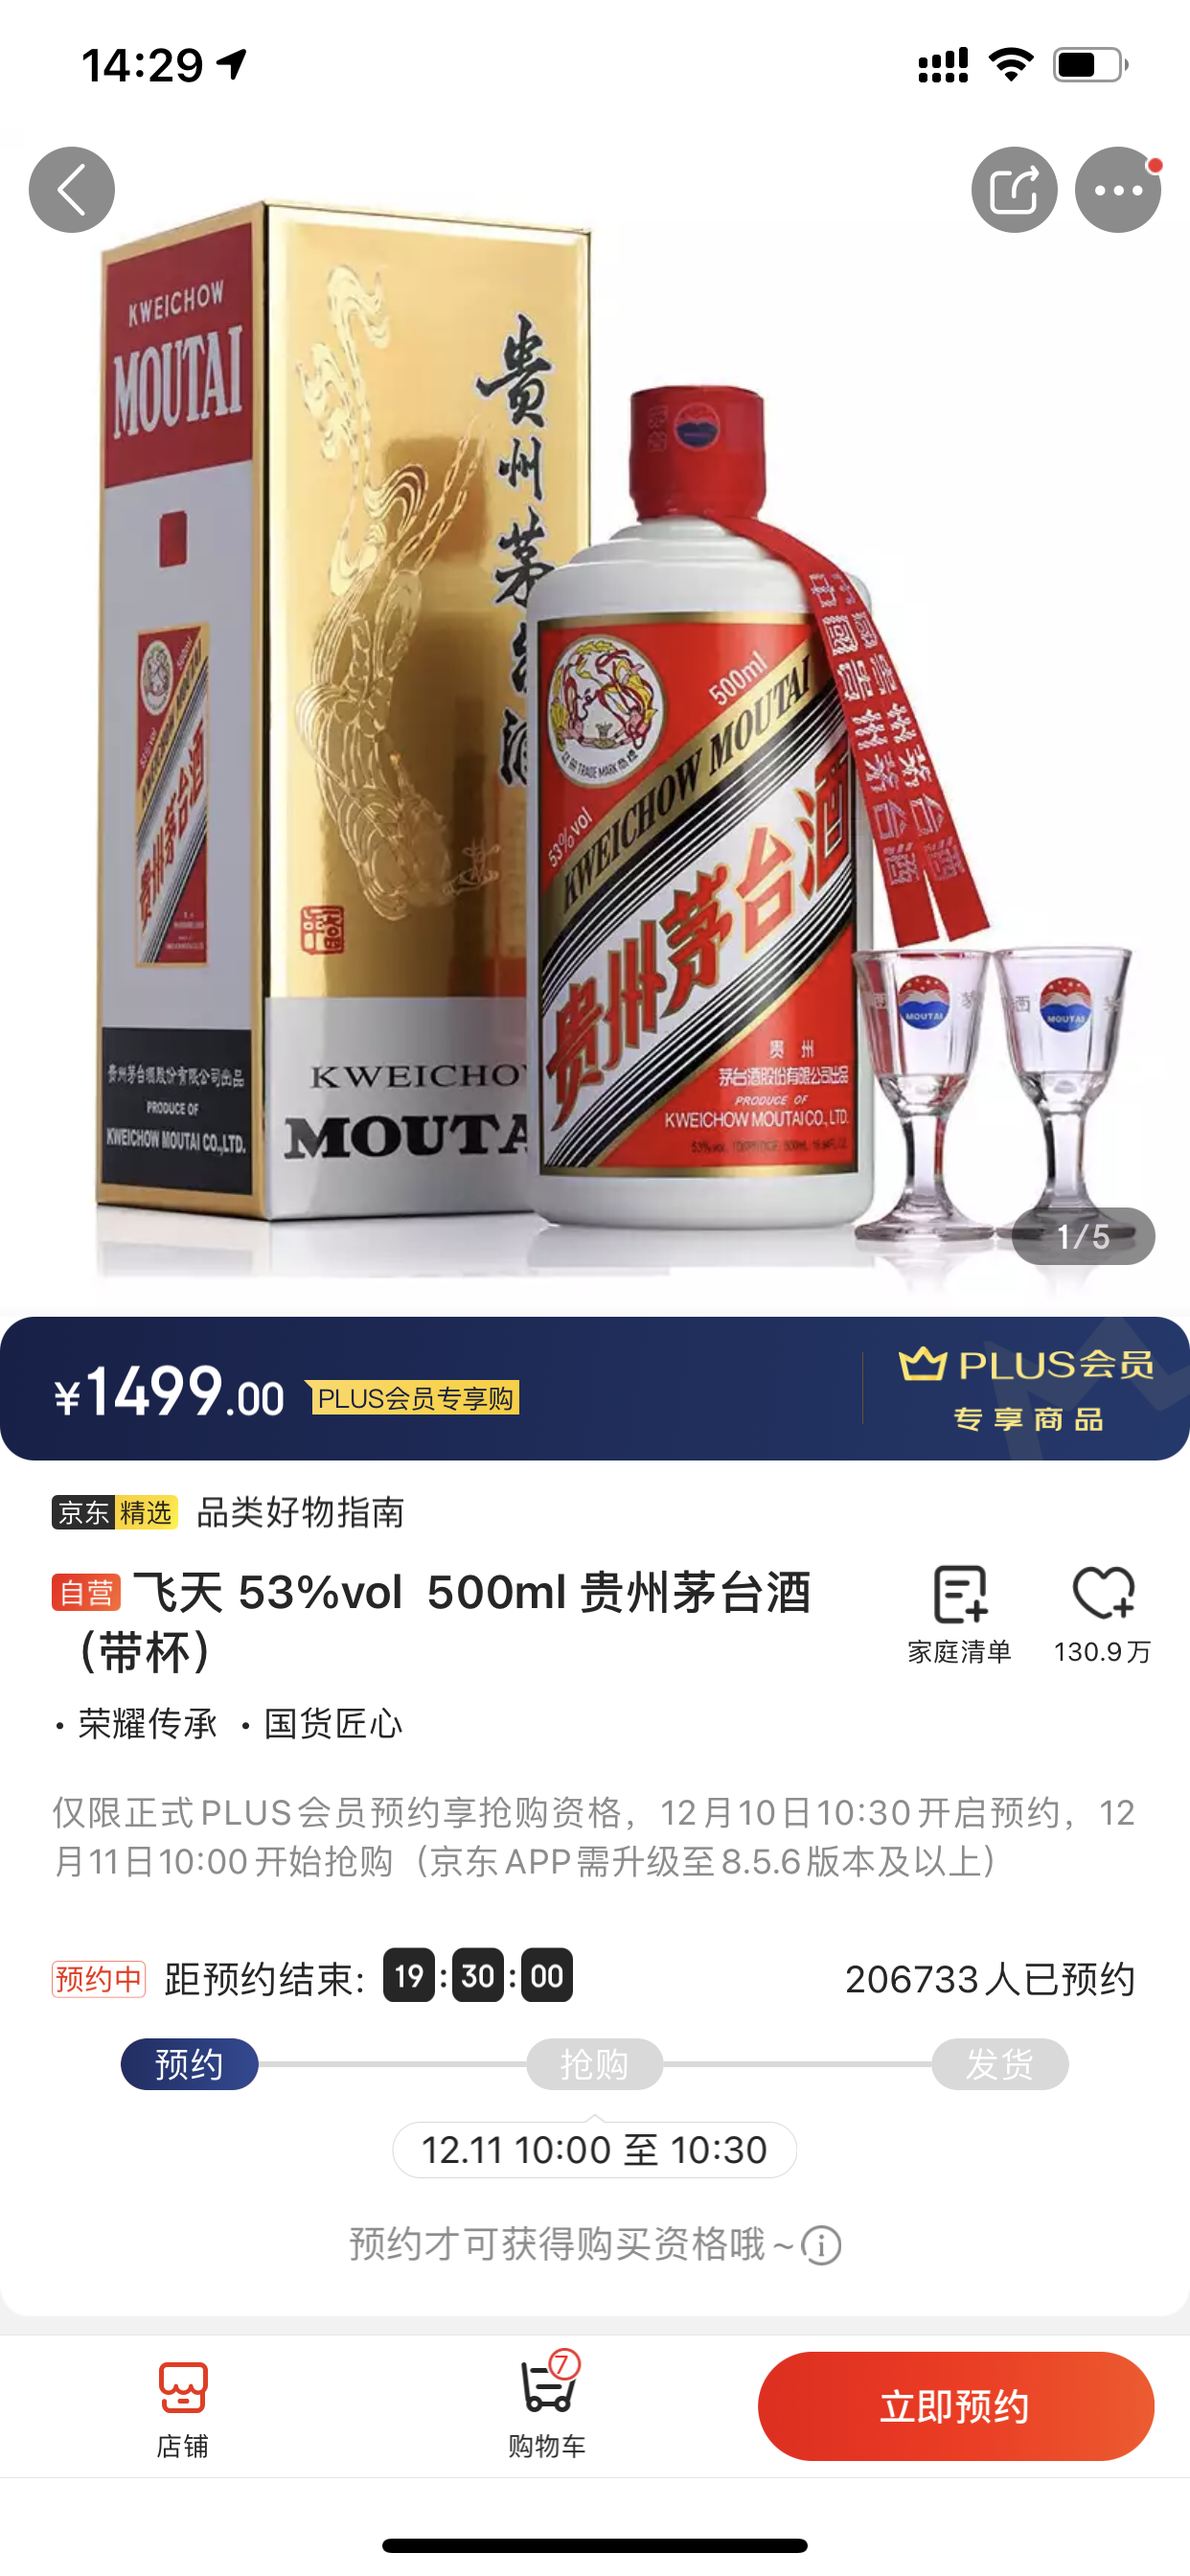 京东放量60万瓶平价茅台来了!每天两个时间段可抢